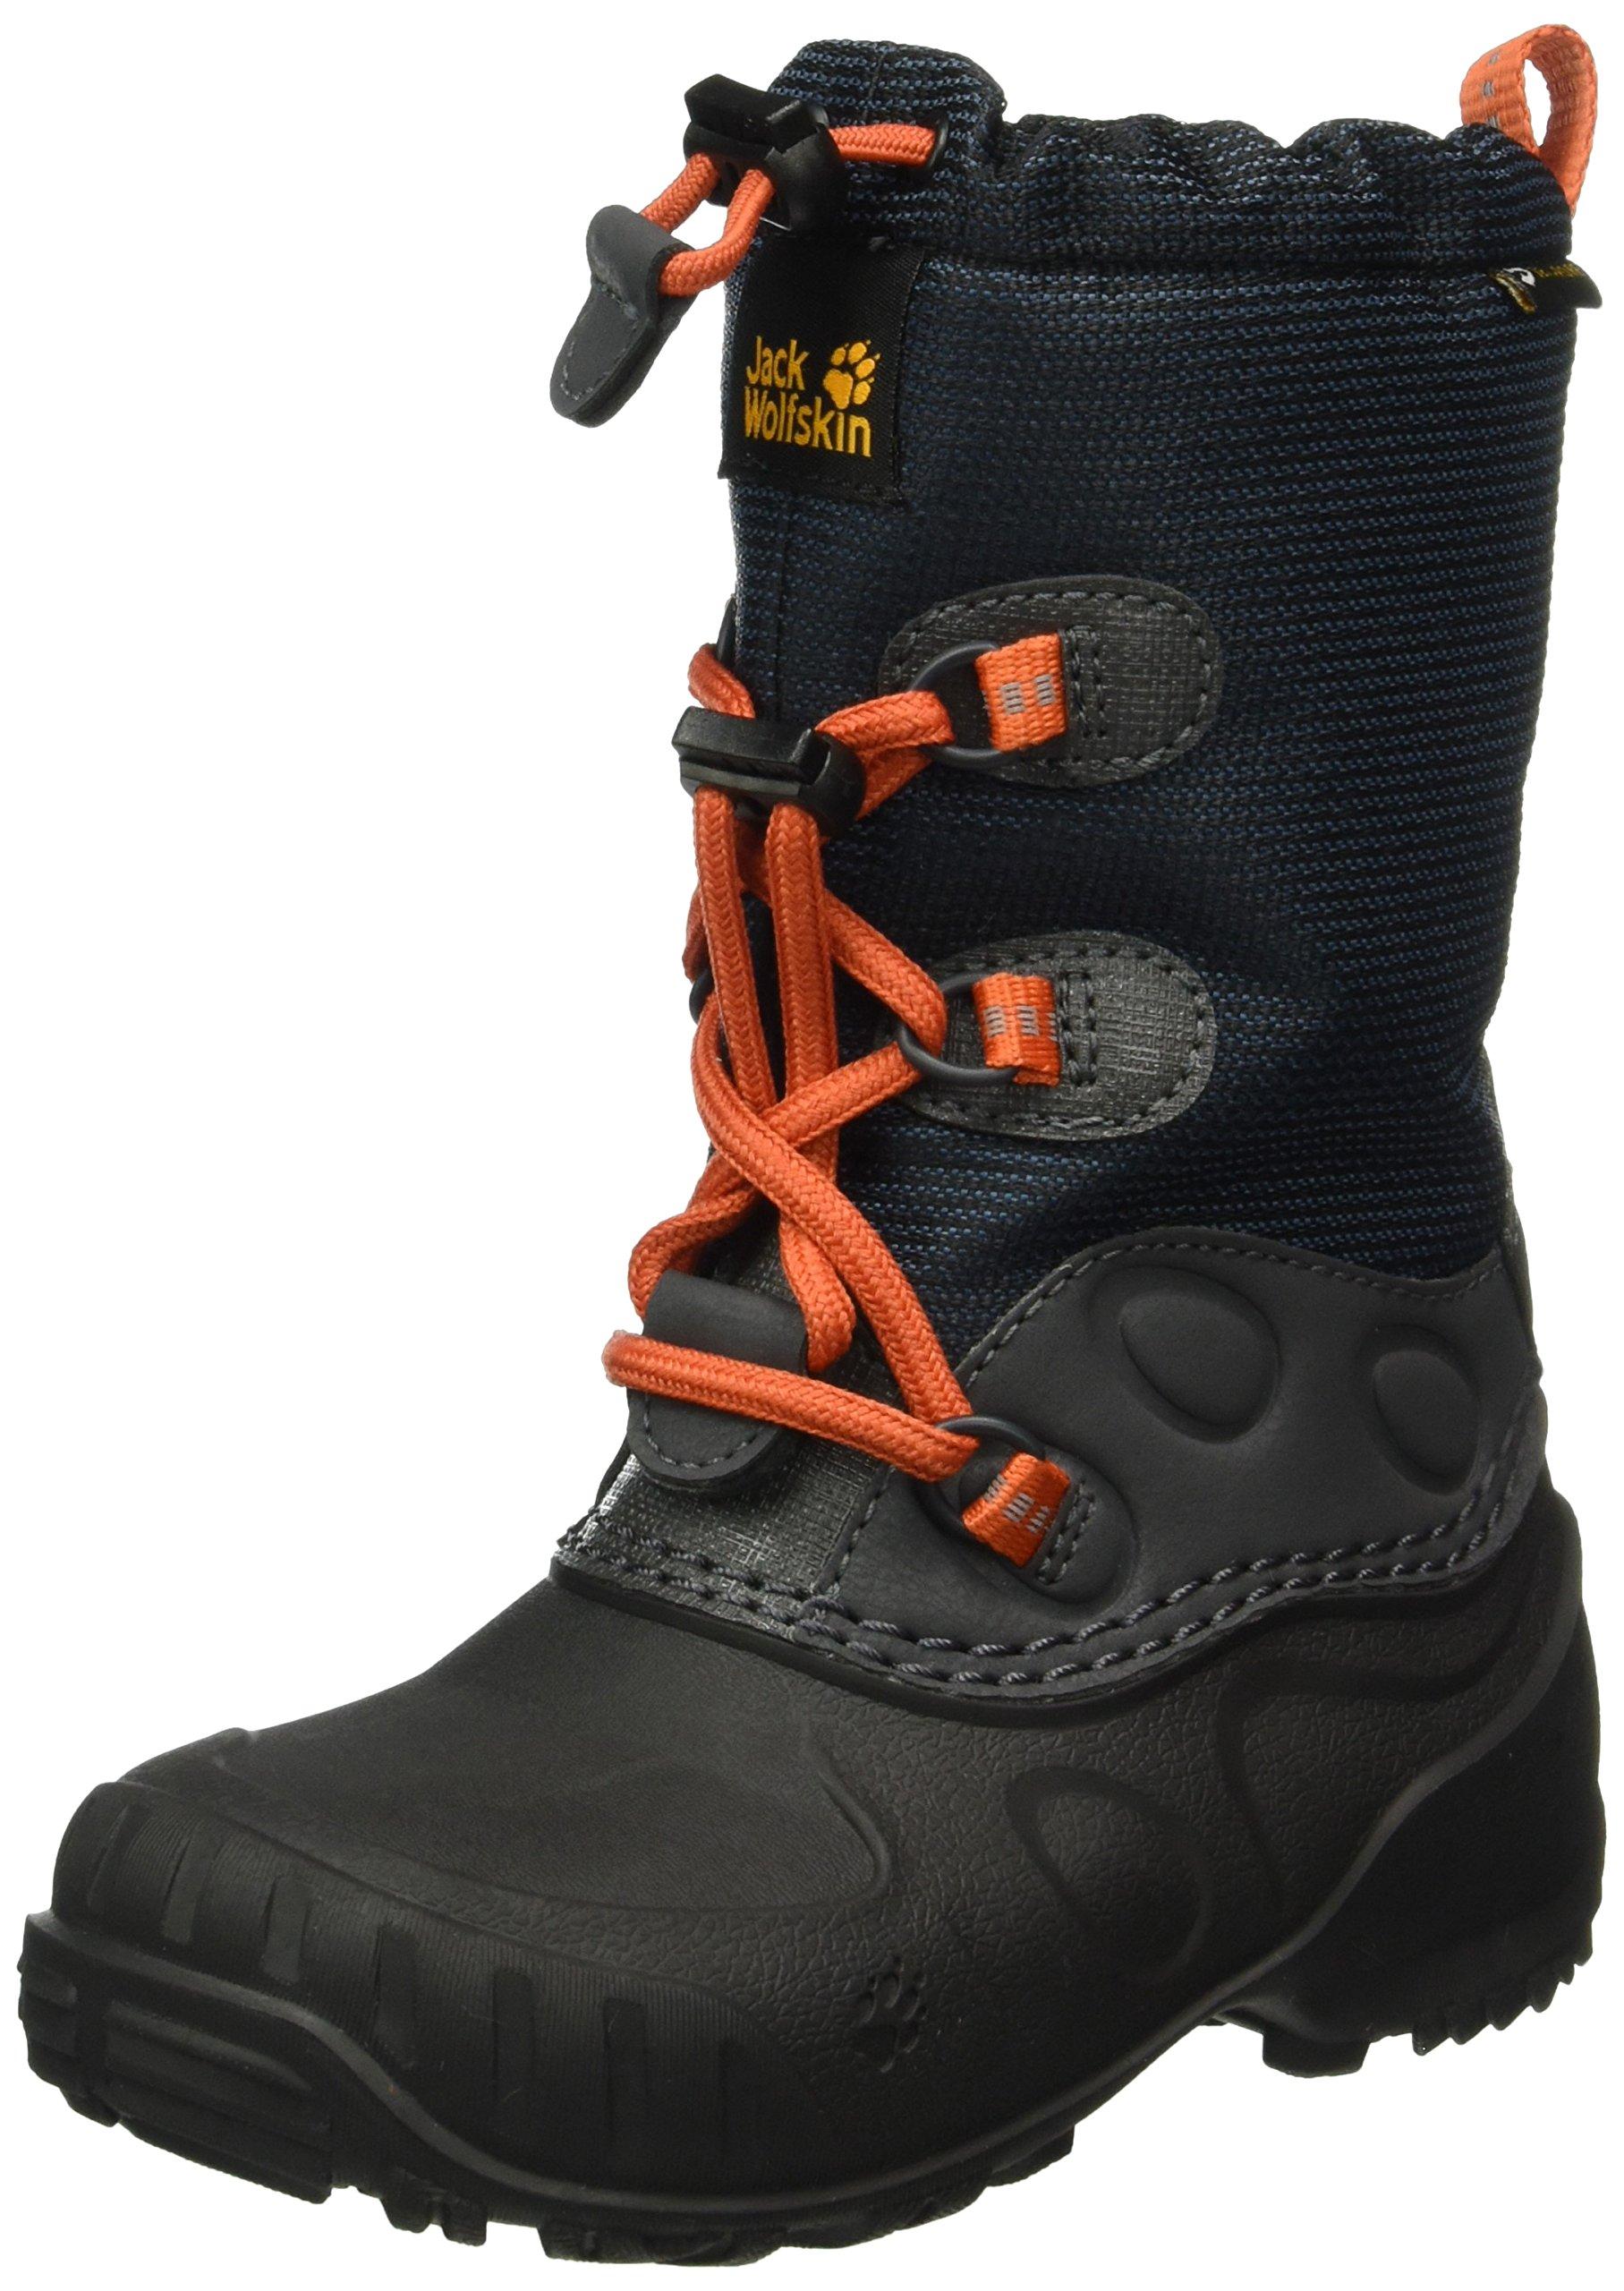 Jack Wolfskin Unisex-Kids Iceland Texapore High K Snow Boot, Dark Sky, 3.5 M US Little Kid